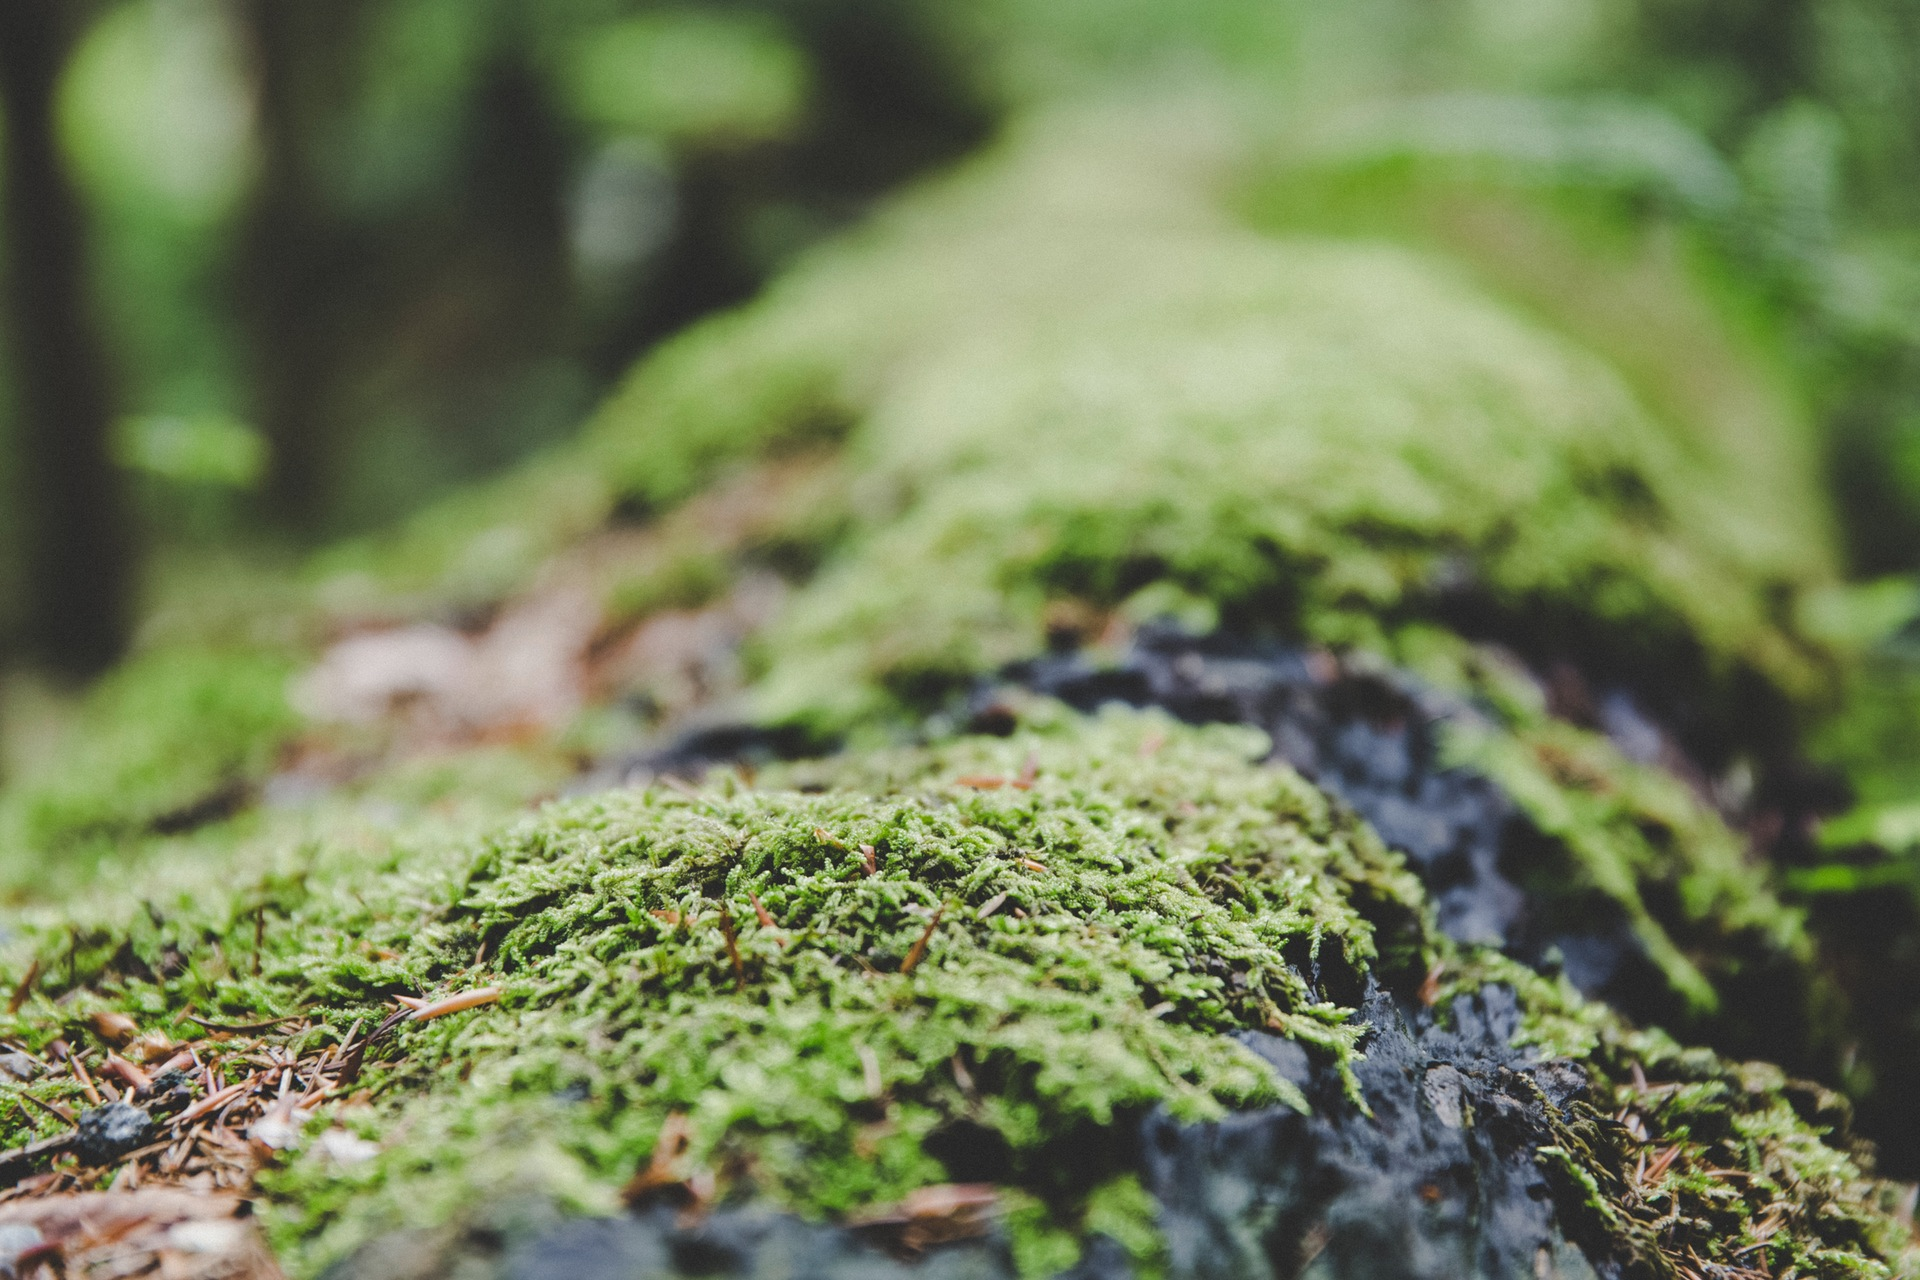 musgo, árbol, piedra, tronco, macro - Fondos de Pantalla HD - professor-falken.com